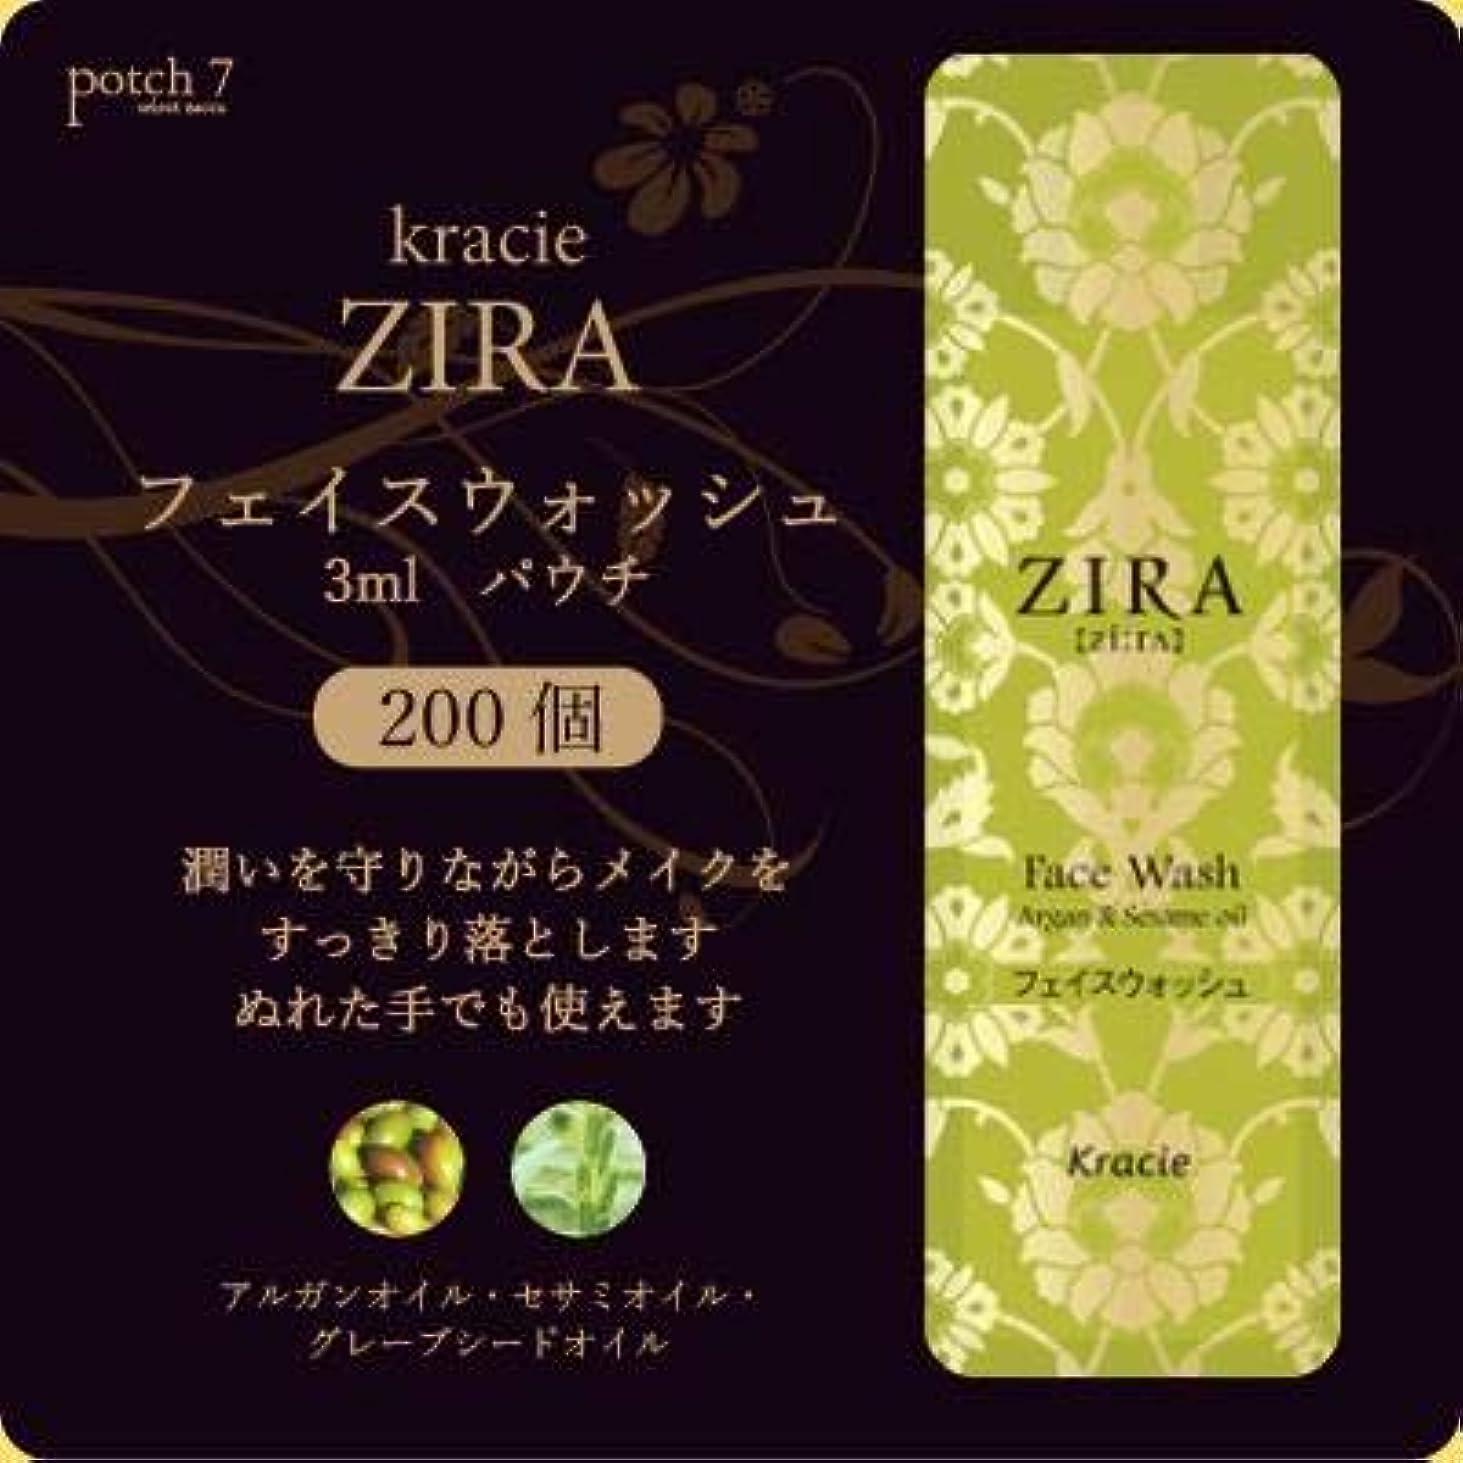 熟考する反動最小Kracie クラシエ ZIRA ジーラ フェイスウオッシュ 洗顔 パウチ 3ml 200個入